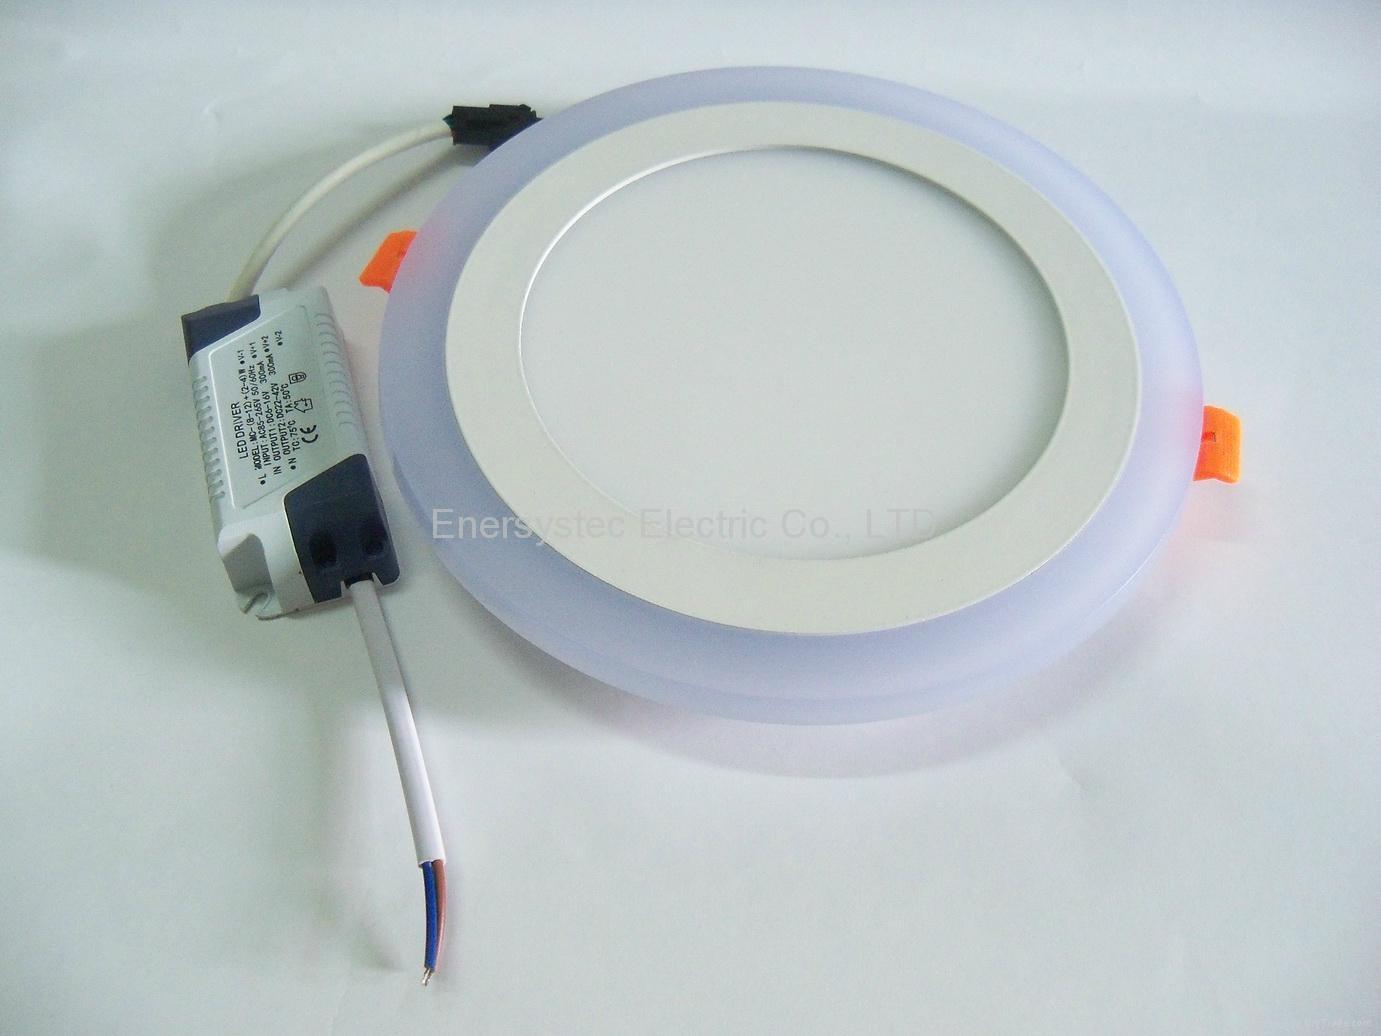 Double Color LED Panel Light, Dual Color White 12W+Blue 4W 8